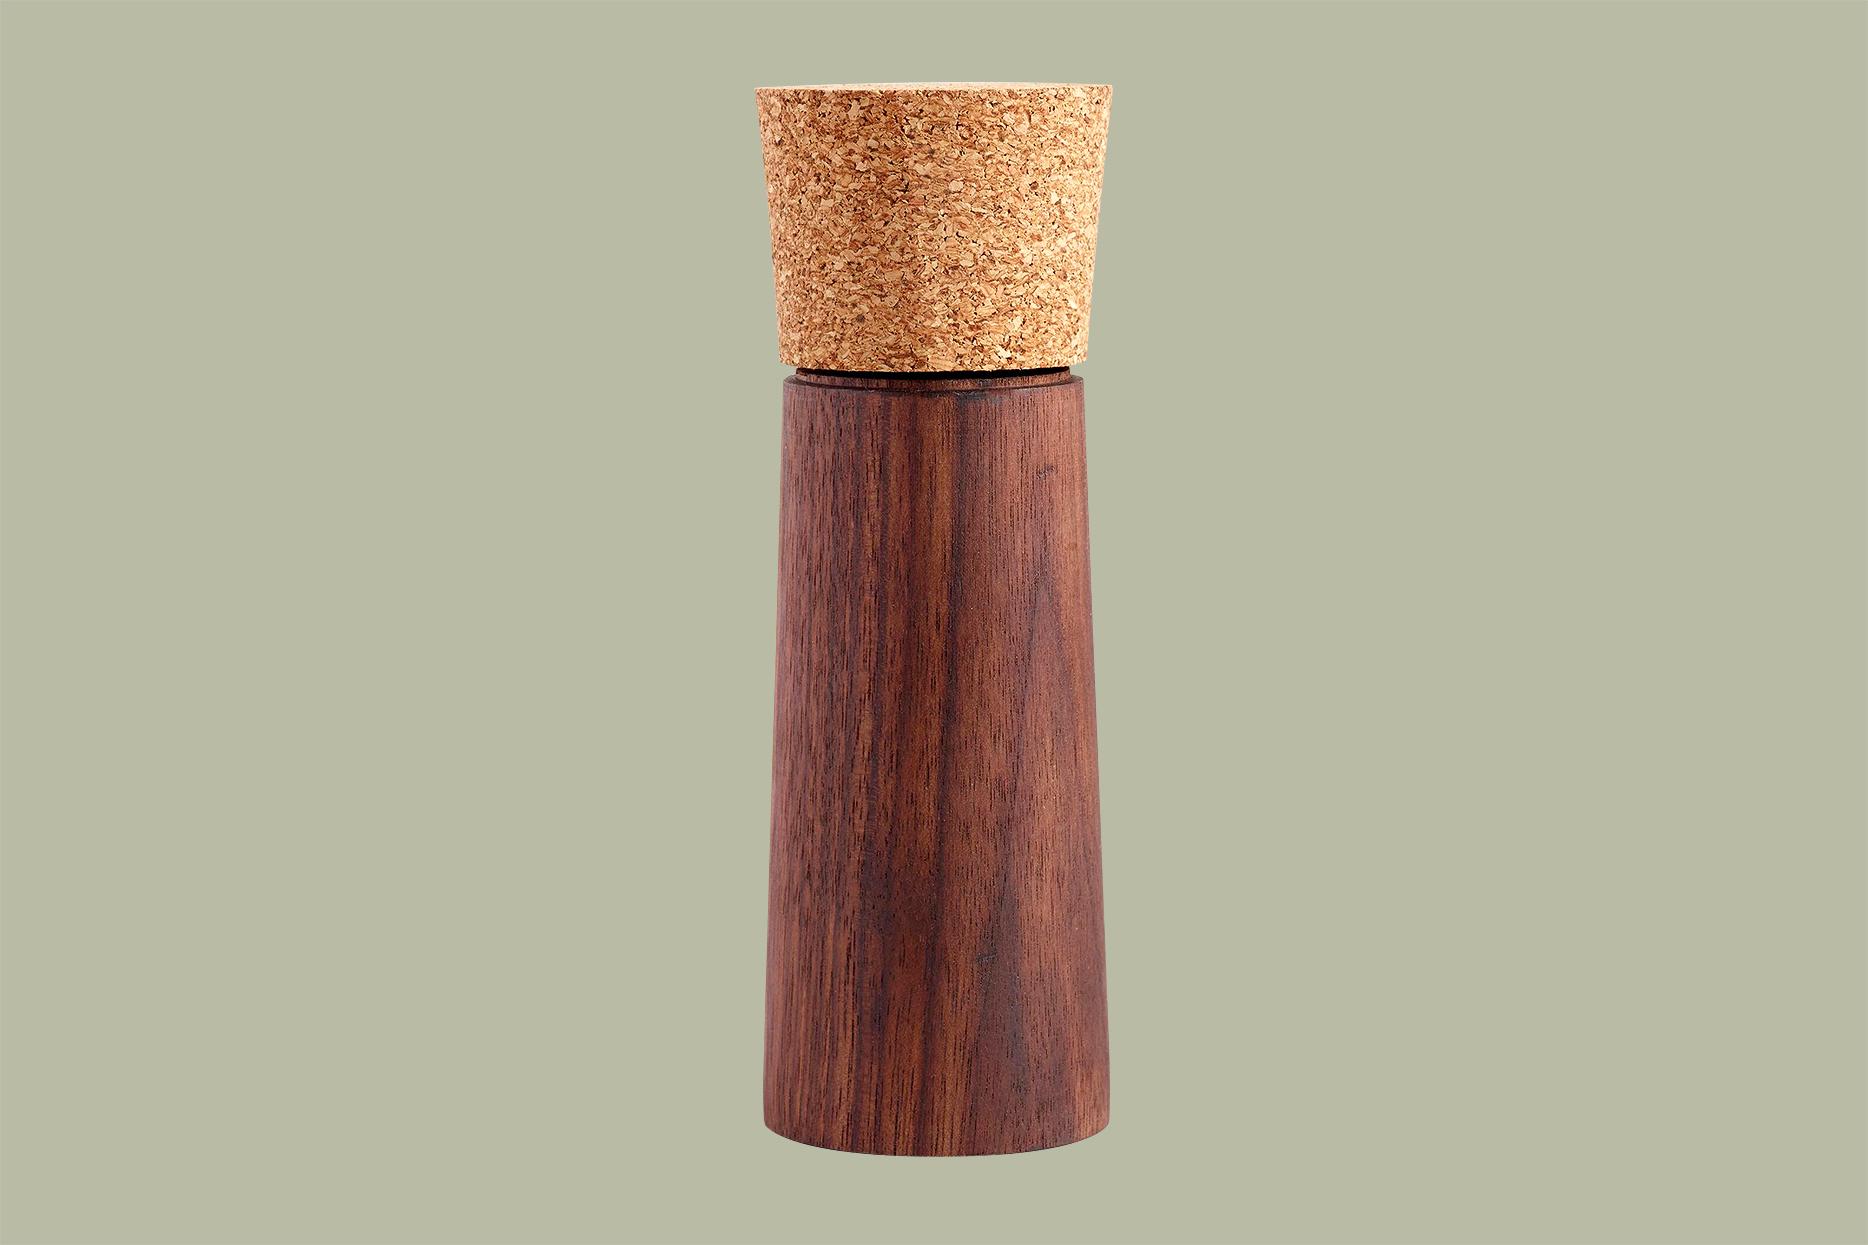 World Market Walnut Wood and Cork Salt and Pepper Grinder